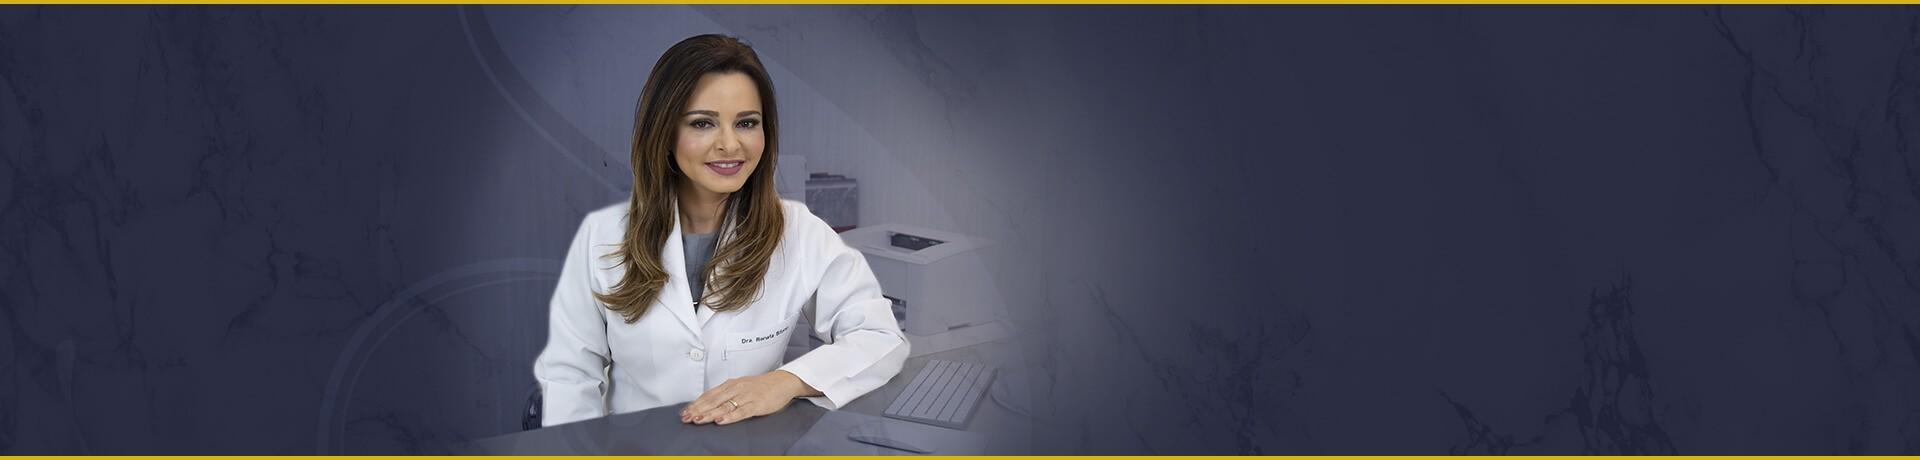 clinica-dermatologica-para-estetica-clinicasitonio-banner1